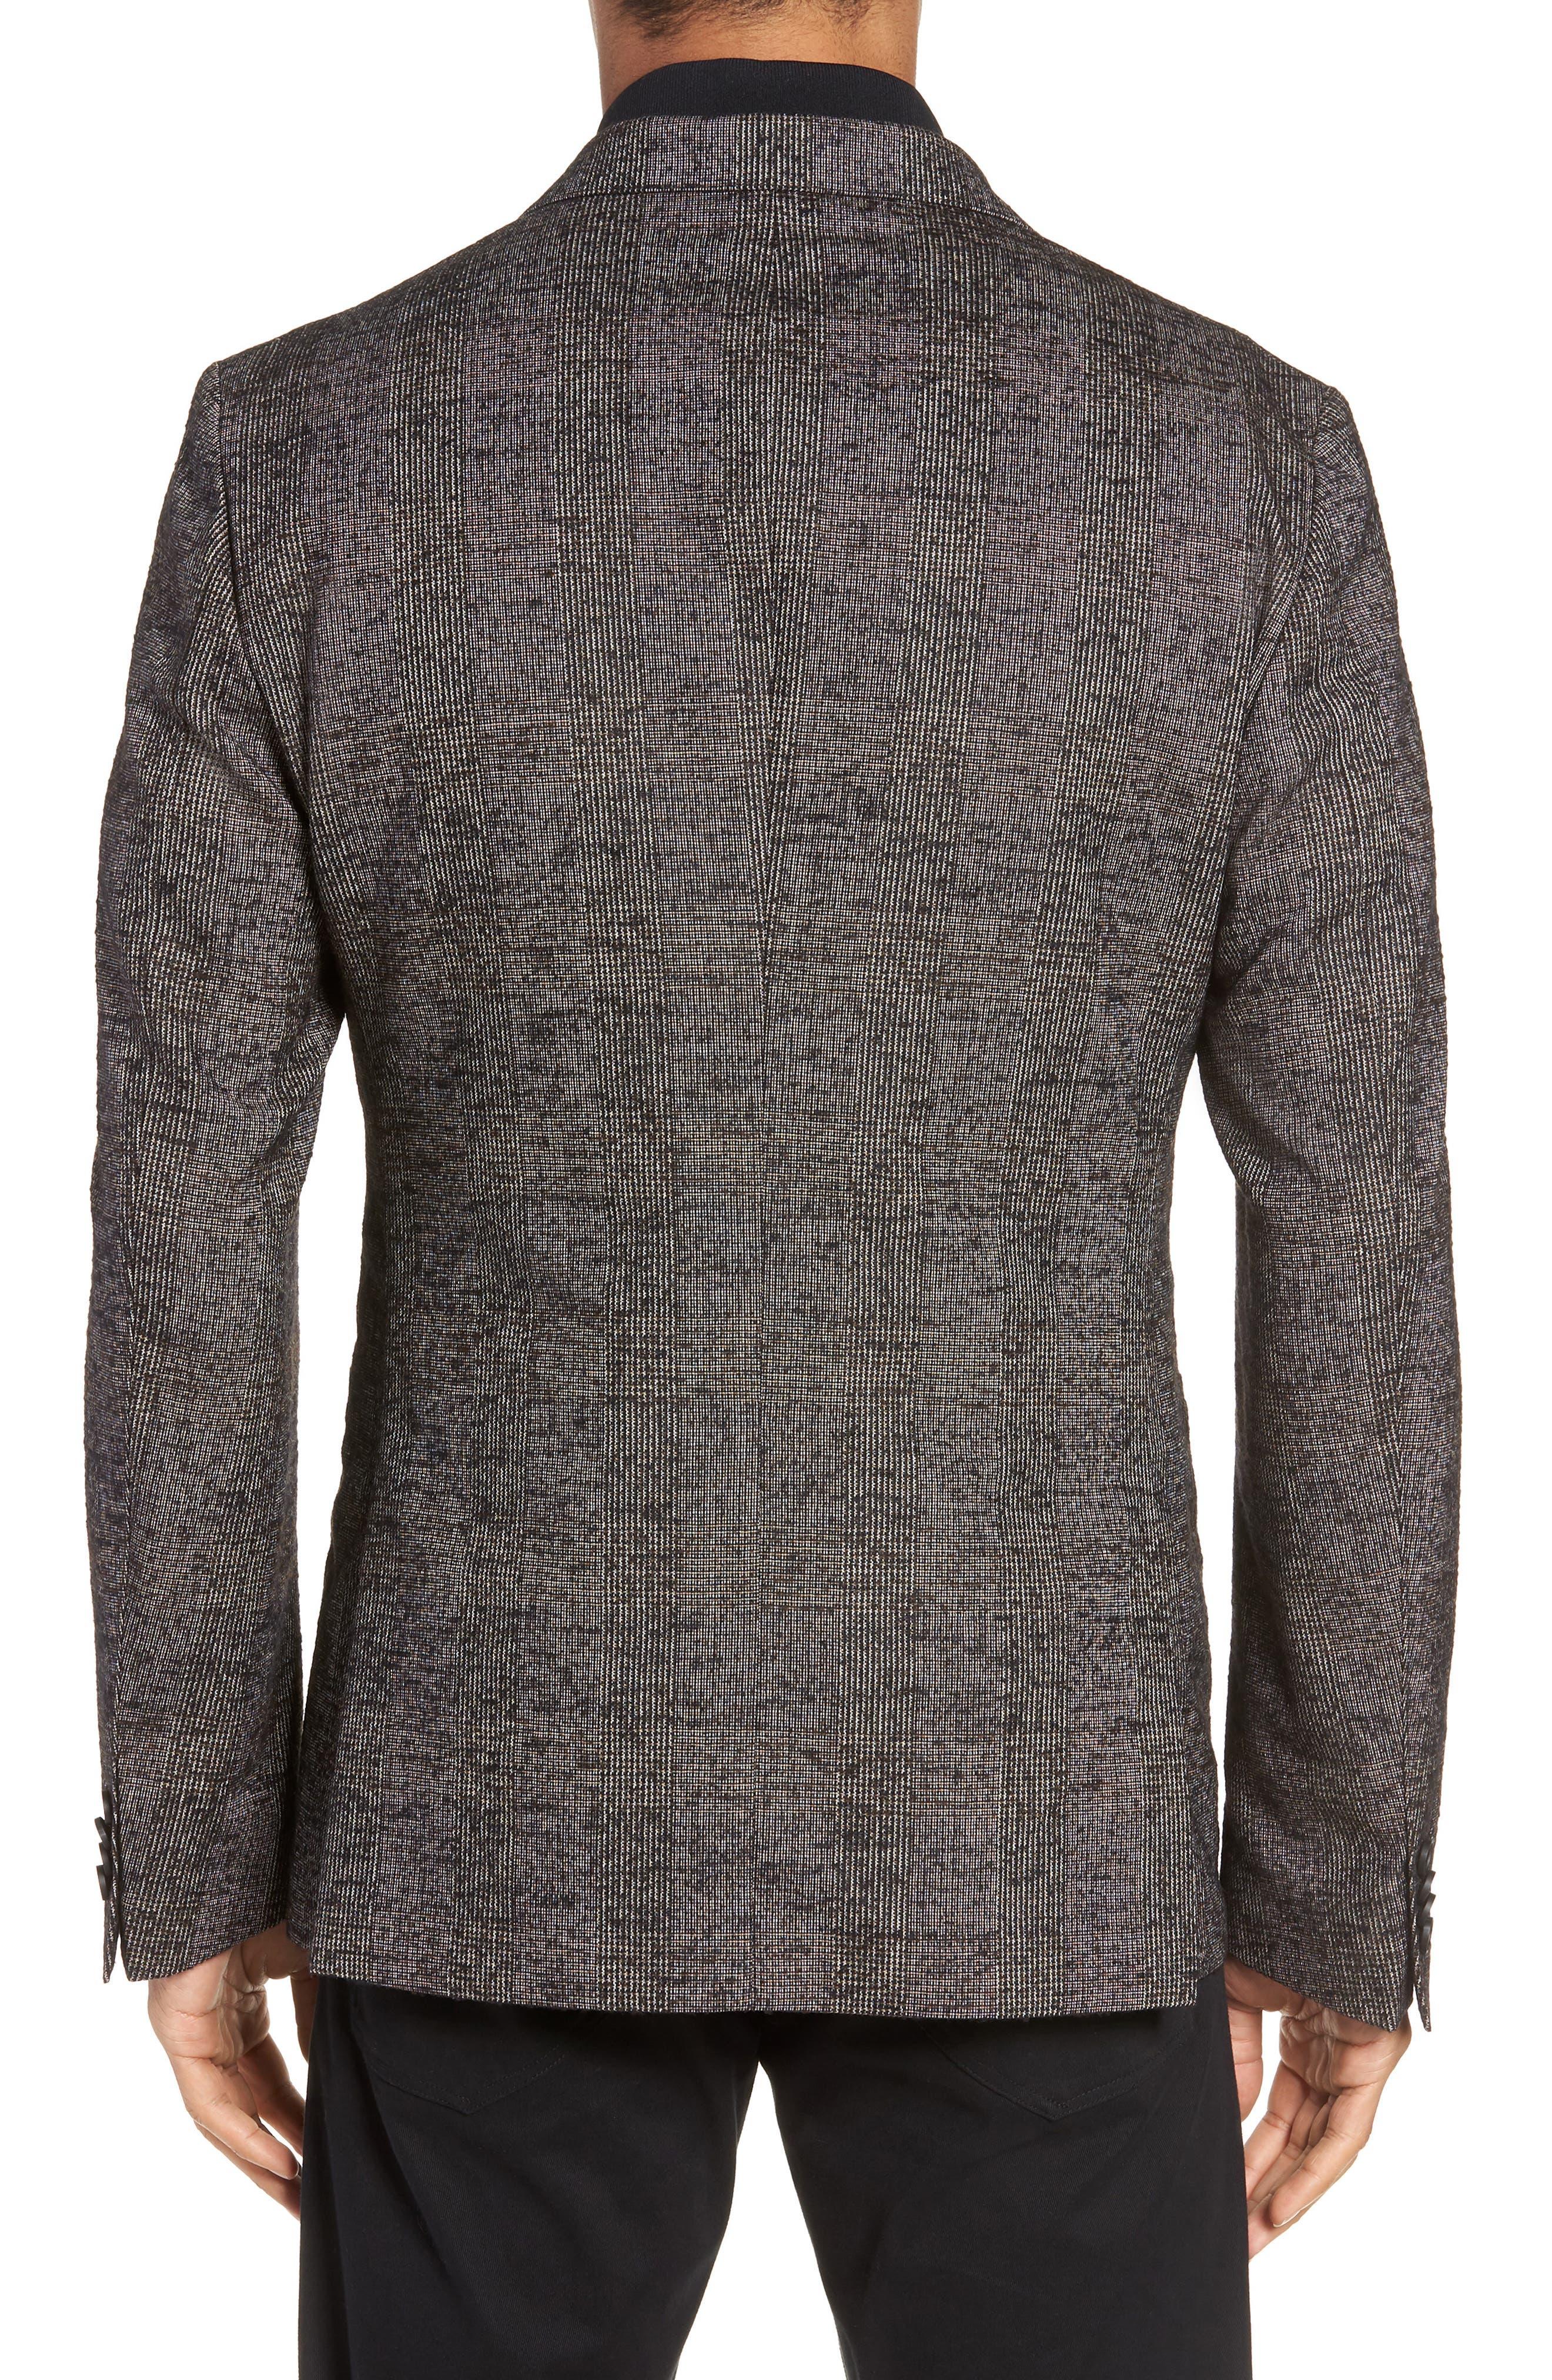 Nanon Trim Fit Plaid Wool Blend Sport Coat,                             Alternate thumbnail 2, color,                             BLACK